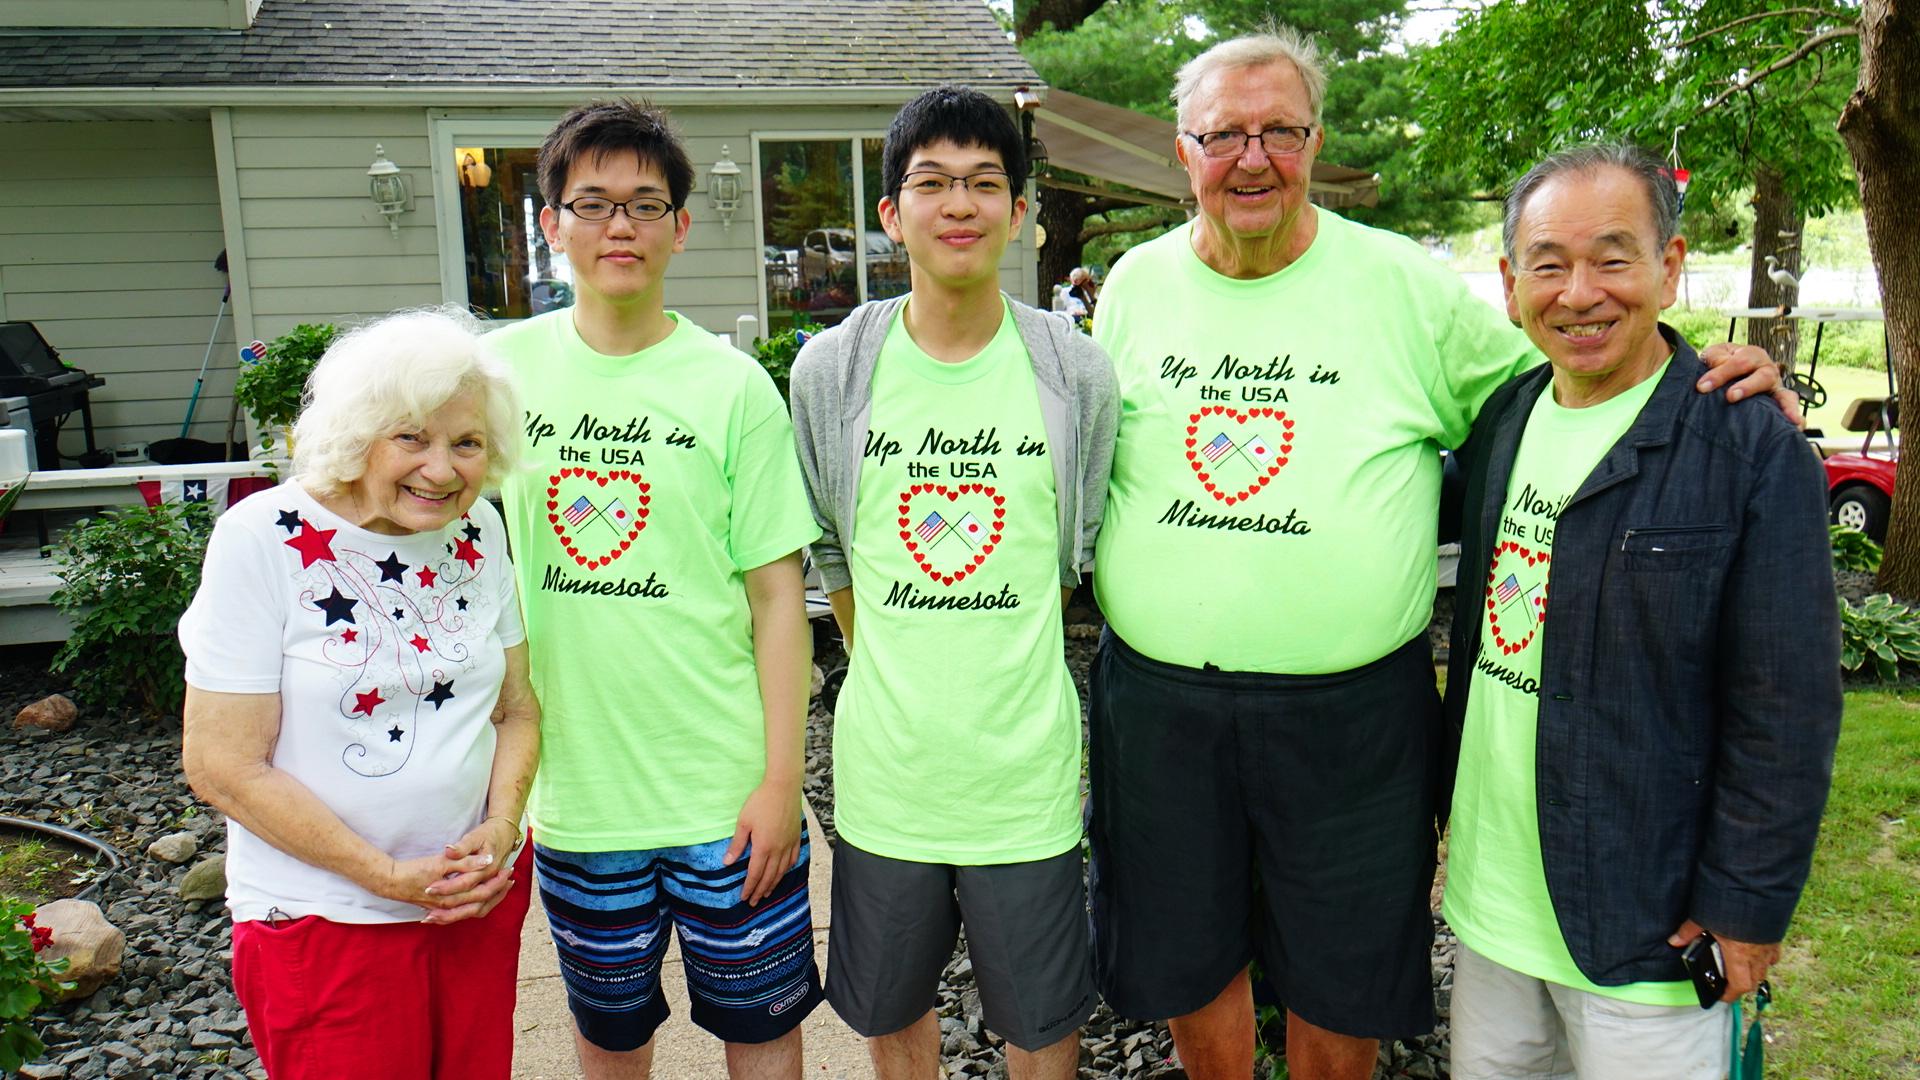 7,000坪、湖つきガイさん宅の庭先で、いただいたTシャツを着てご夫妻とともに(ミネソタ州)